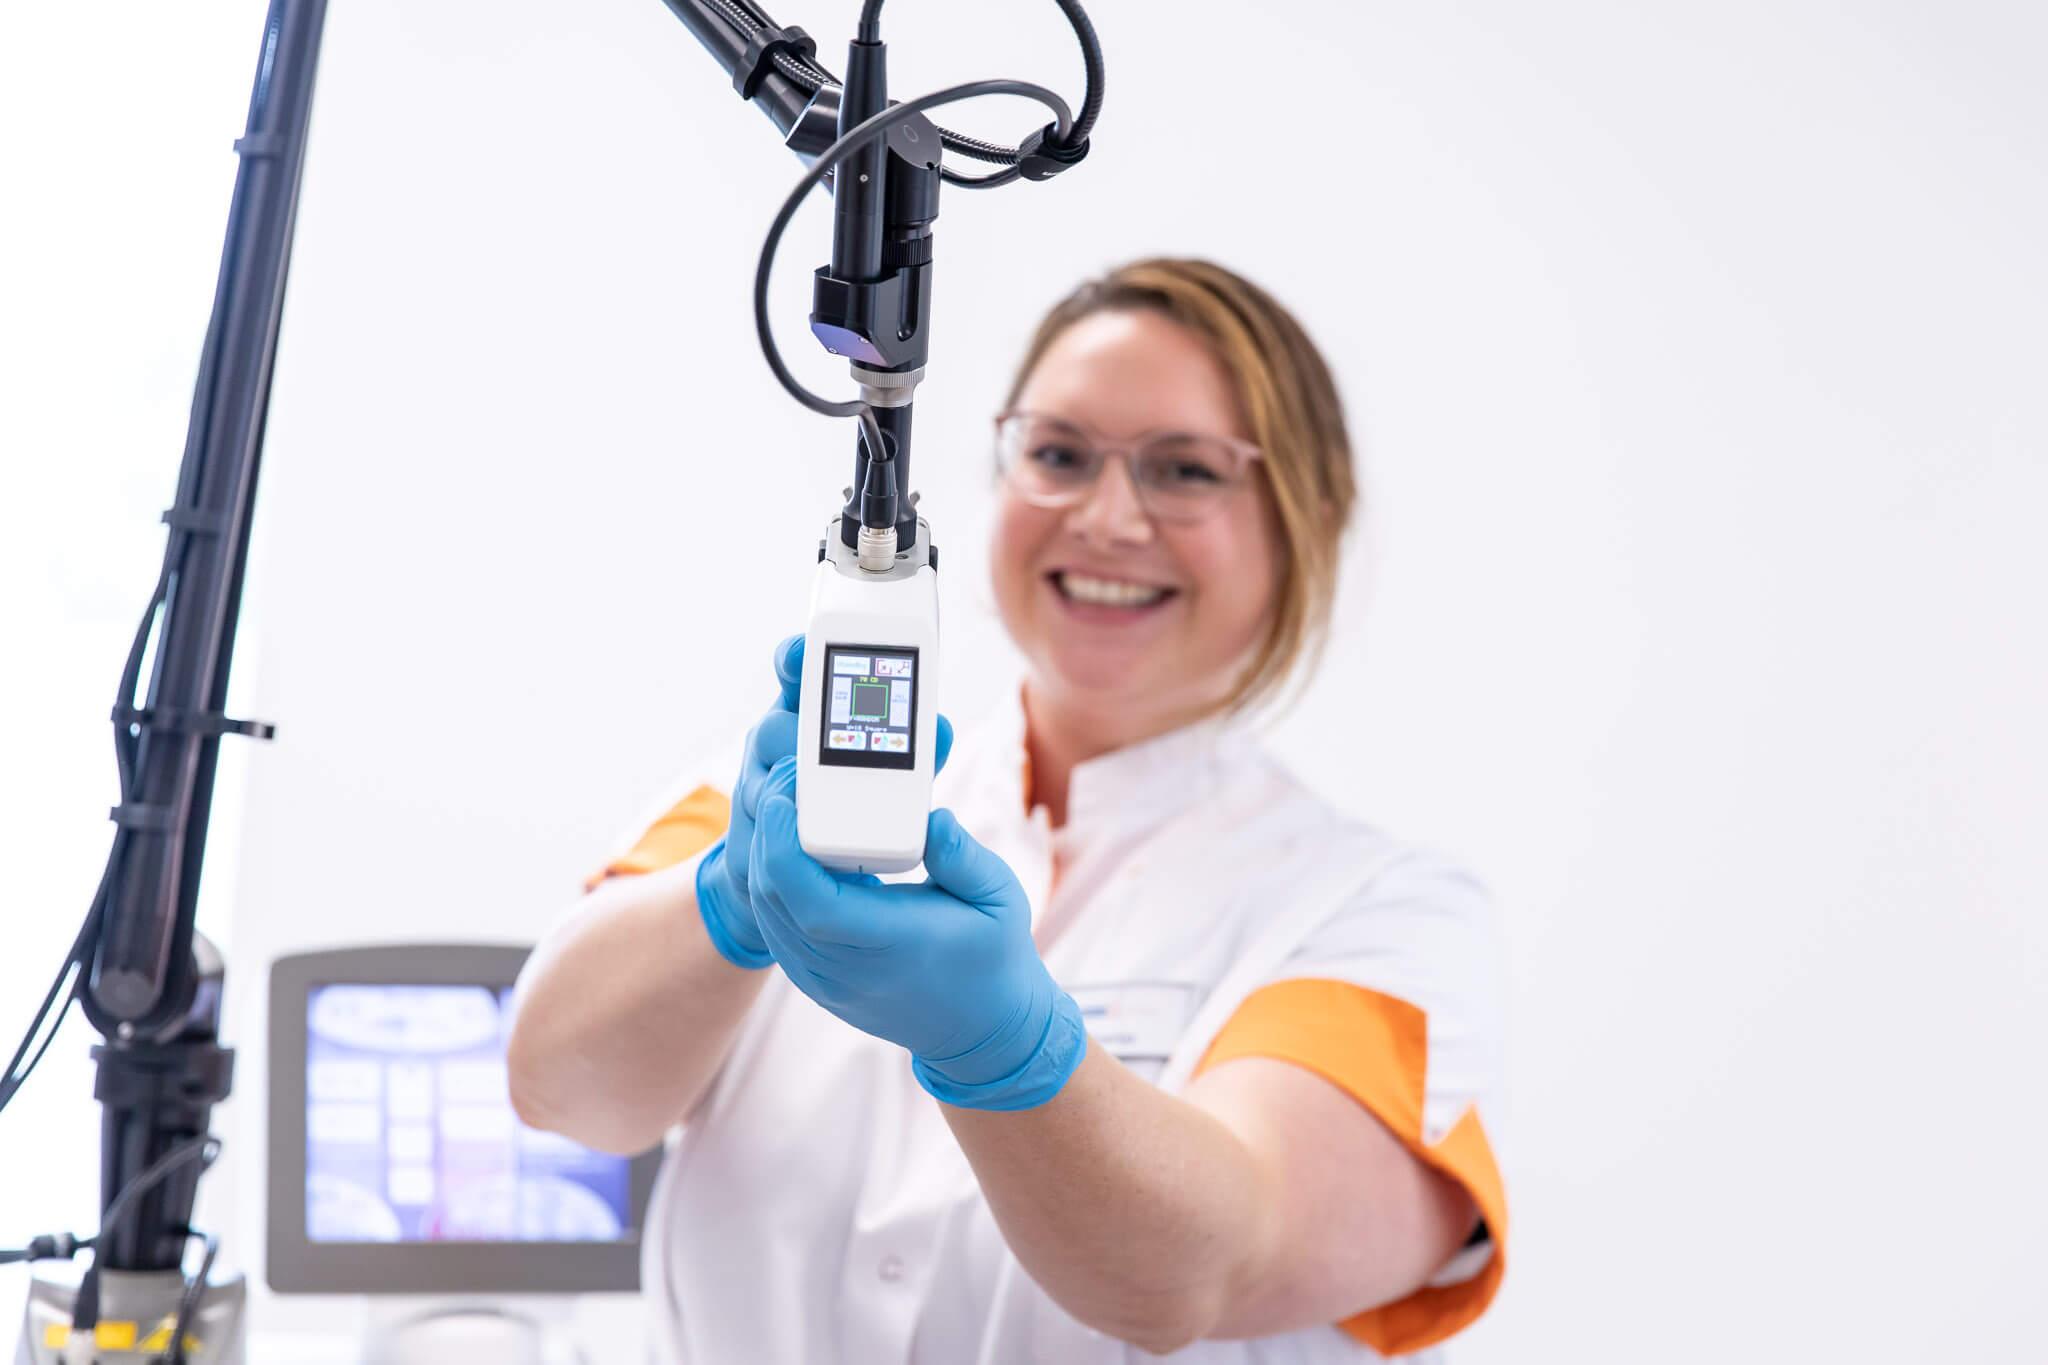 Een medewerker van Mediderma laat het nieuwe laserapparaat zien bij Mediderma in Purmerend